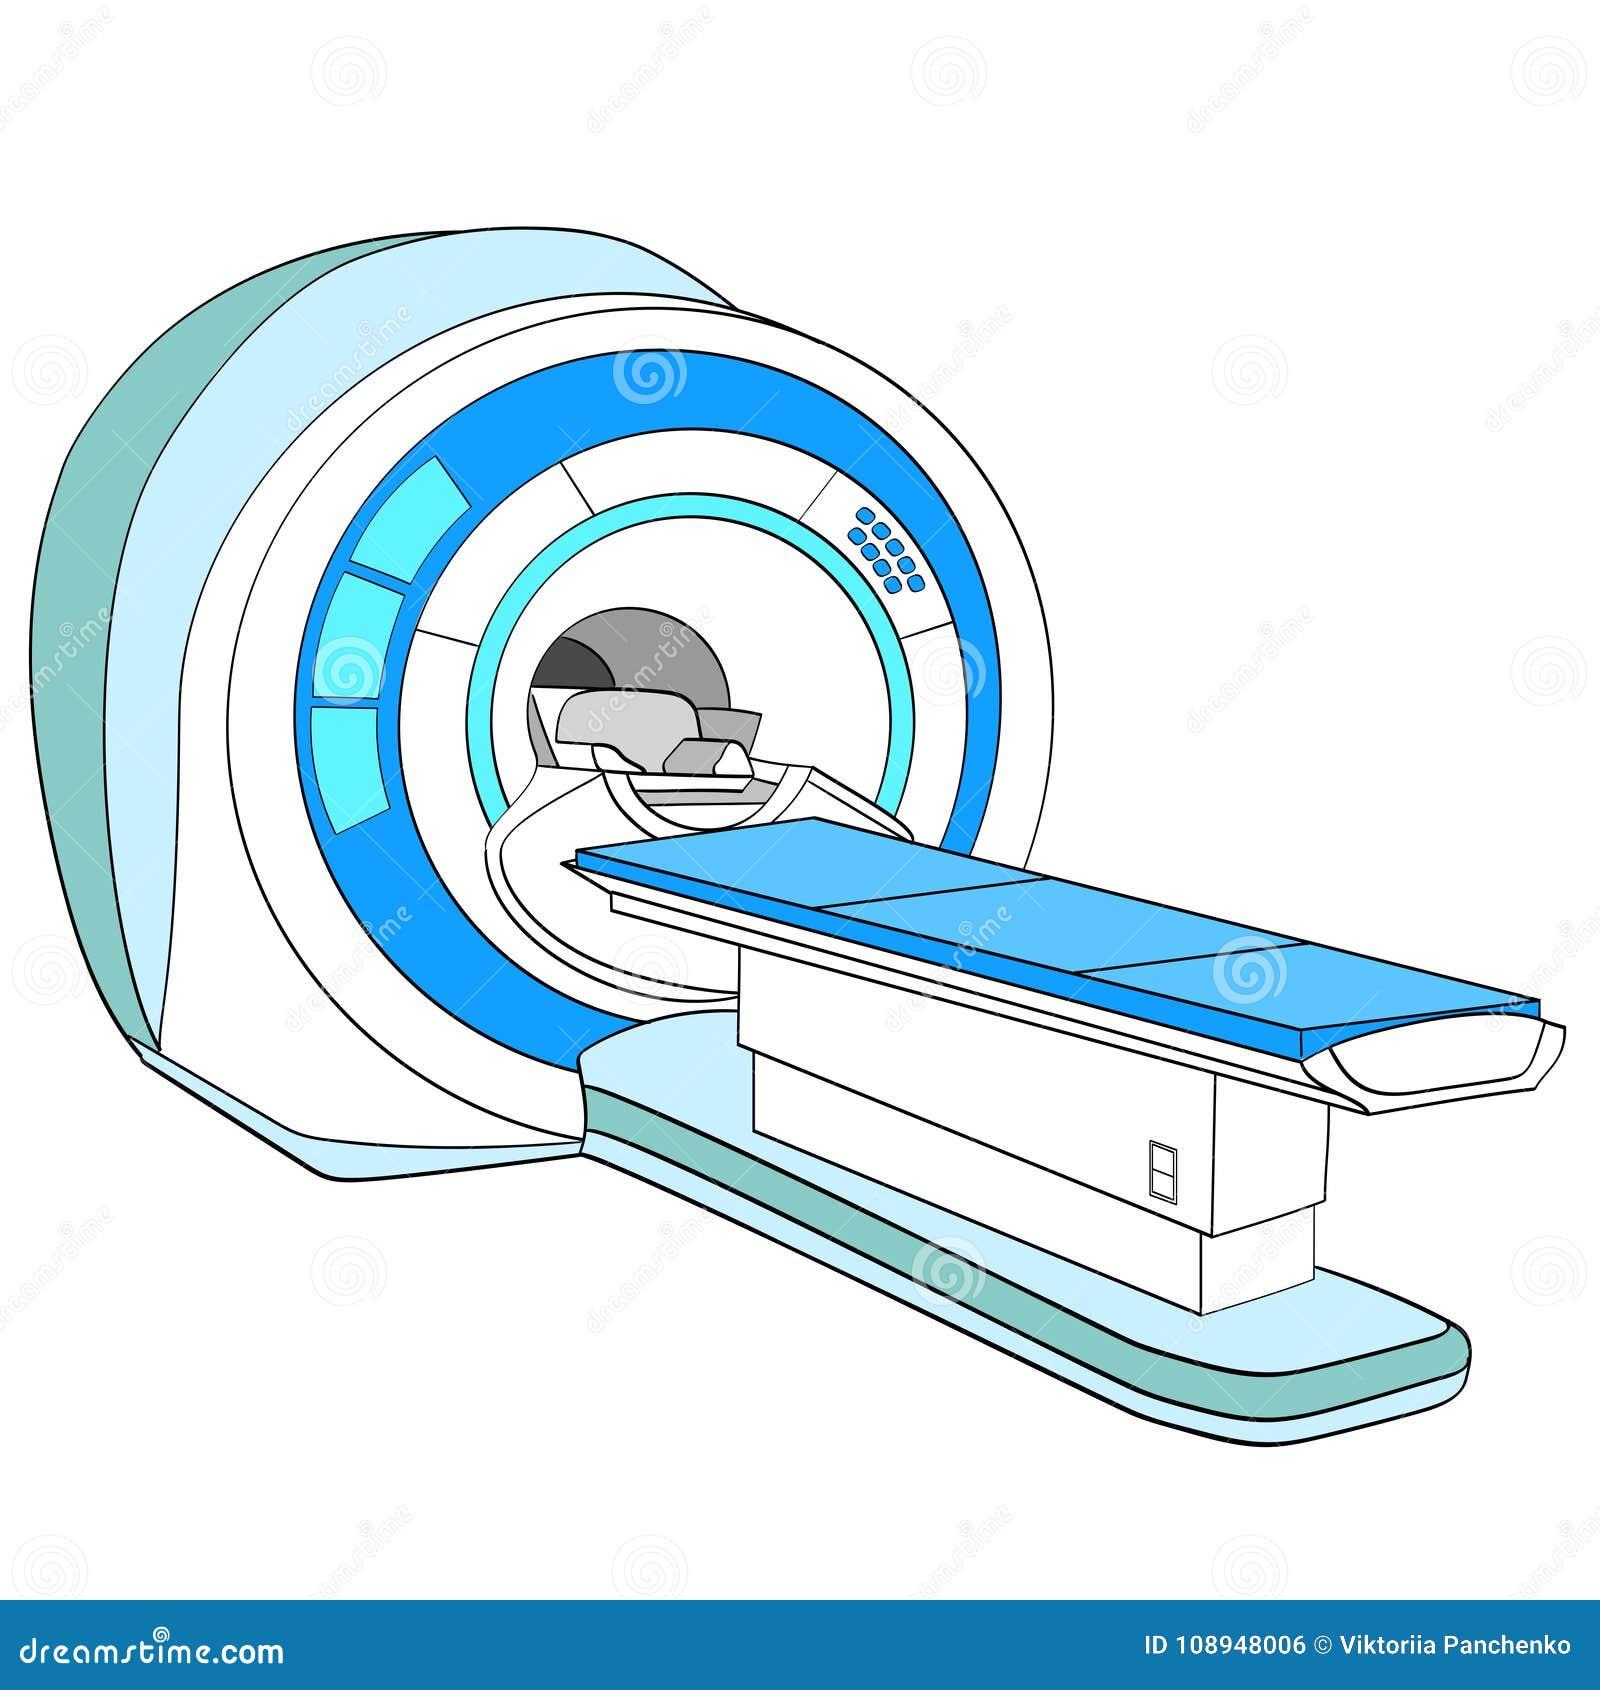 Scanner geautomatiseerde tomografiescanner, magnetic resonance imagingsmachine, medische apparatuur Voorwerp op wit